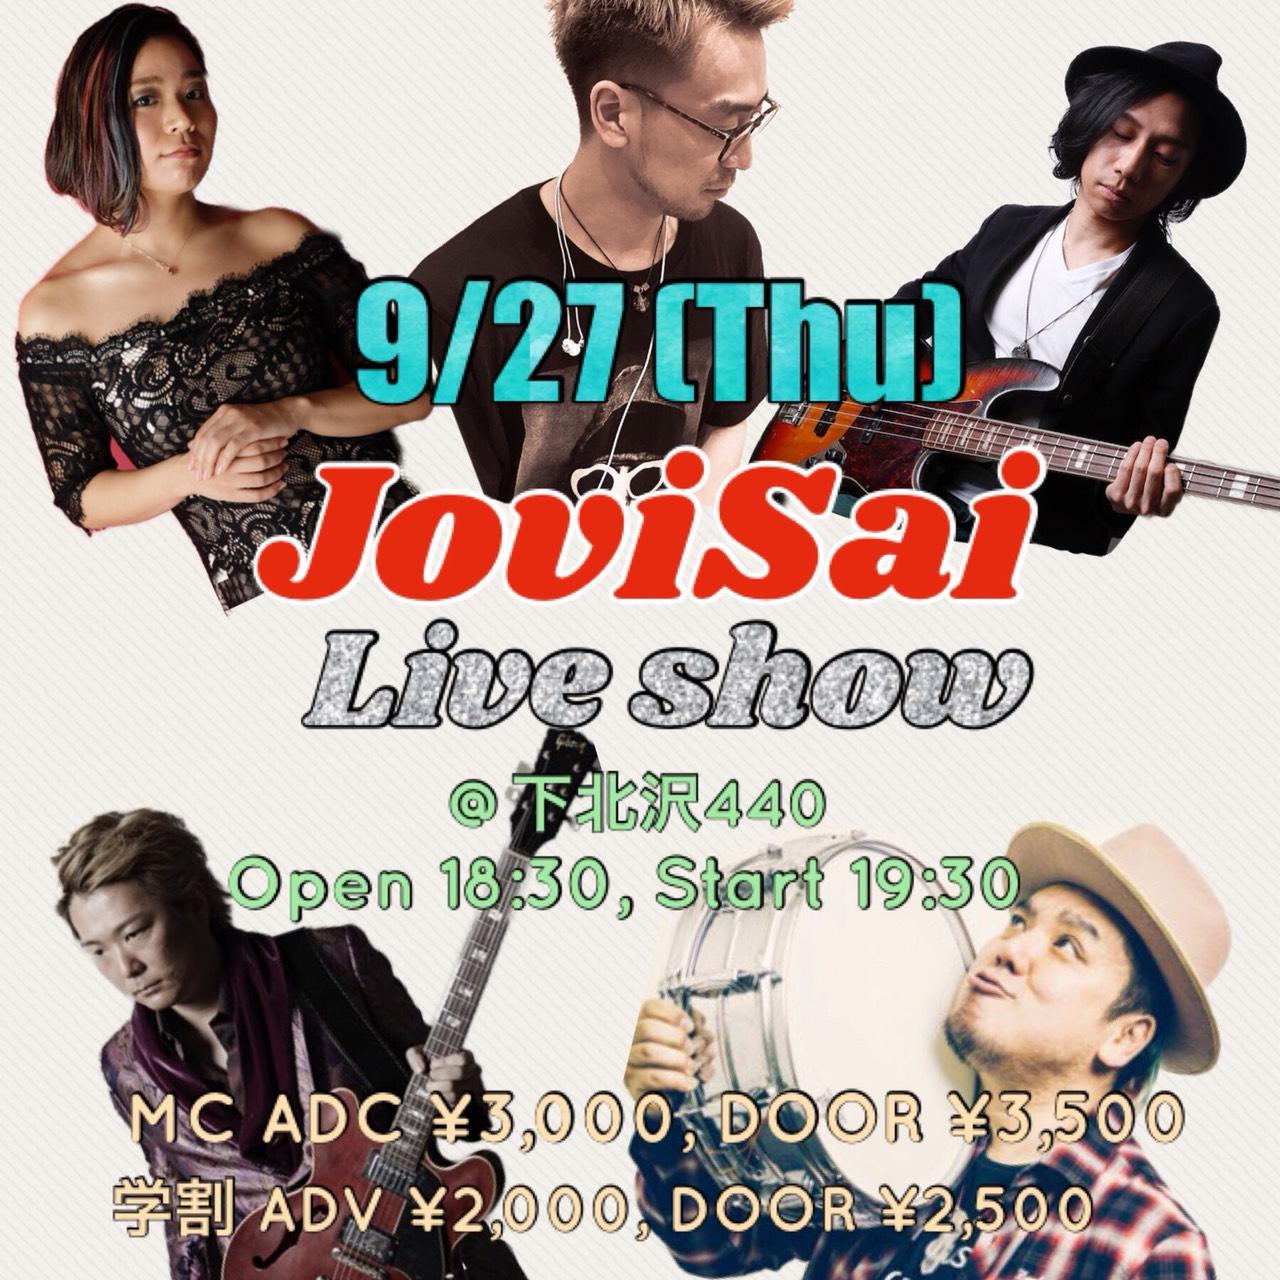 JoviSai Live Show @下北沢440